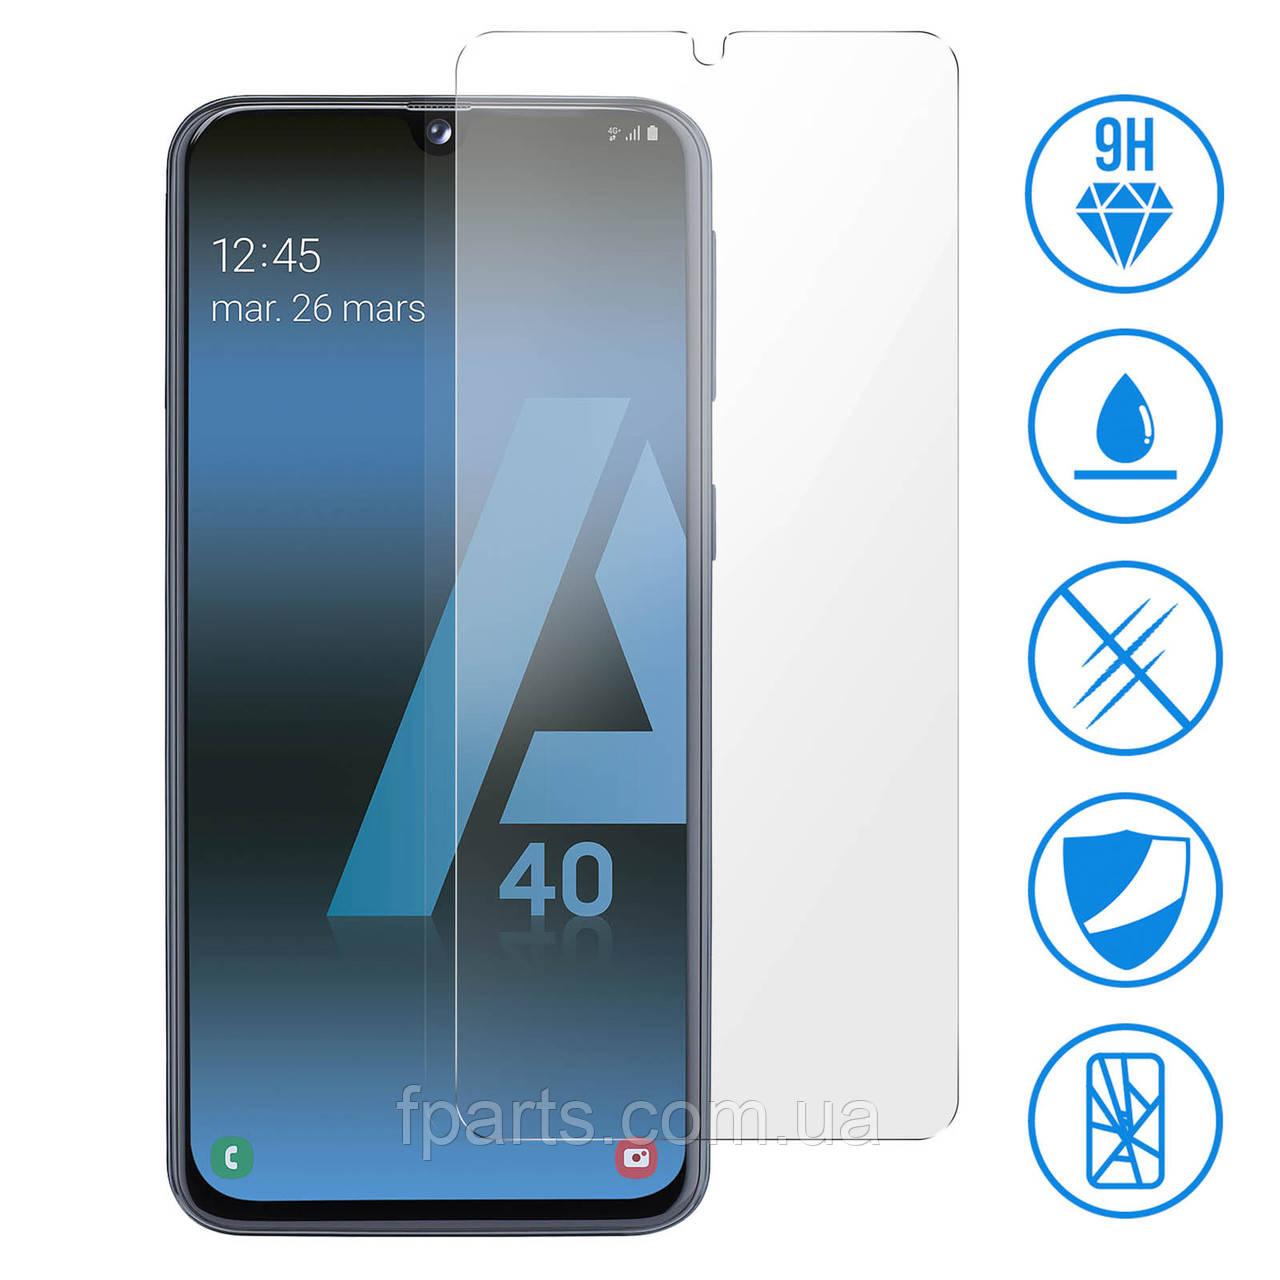 Защитное стекло Samsung A405 Galaxy A40, A015 Galaxy A01 (2.5D) Прозрачное